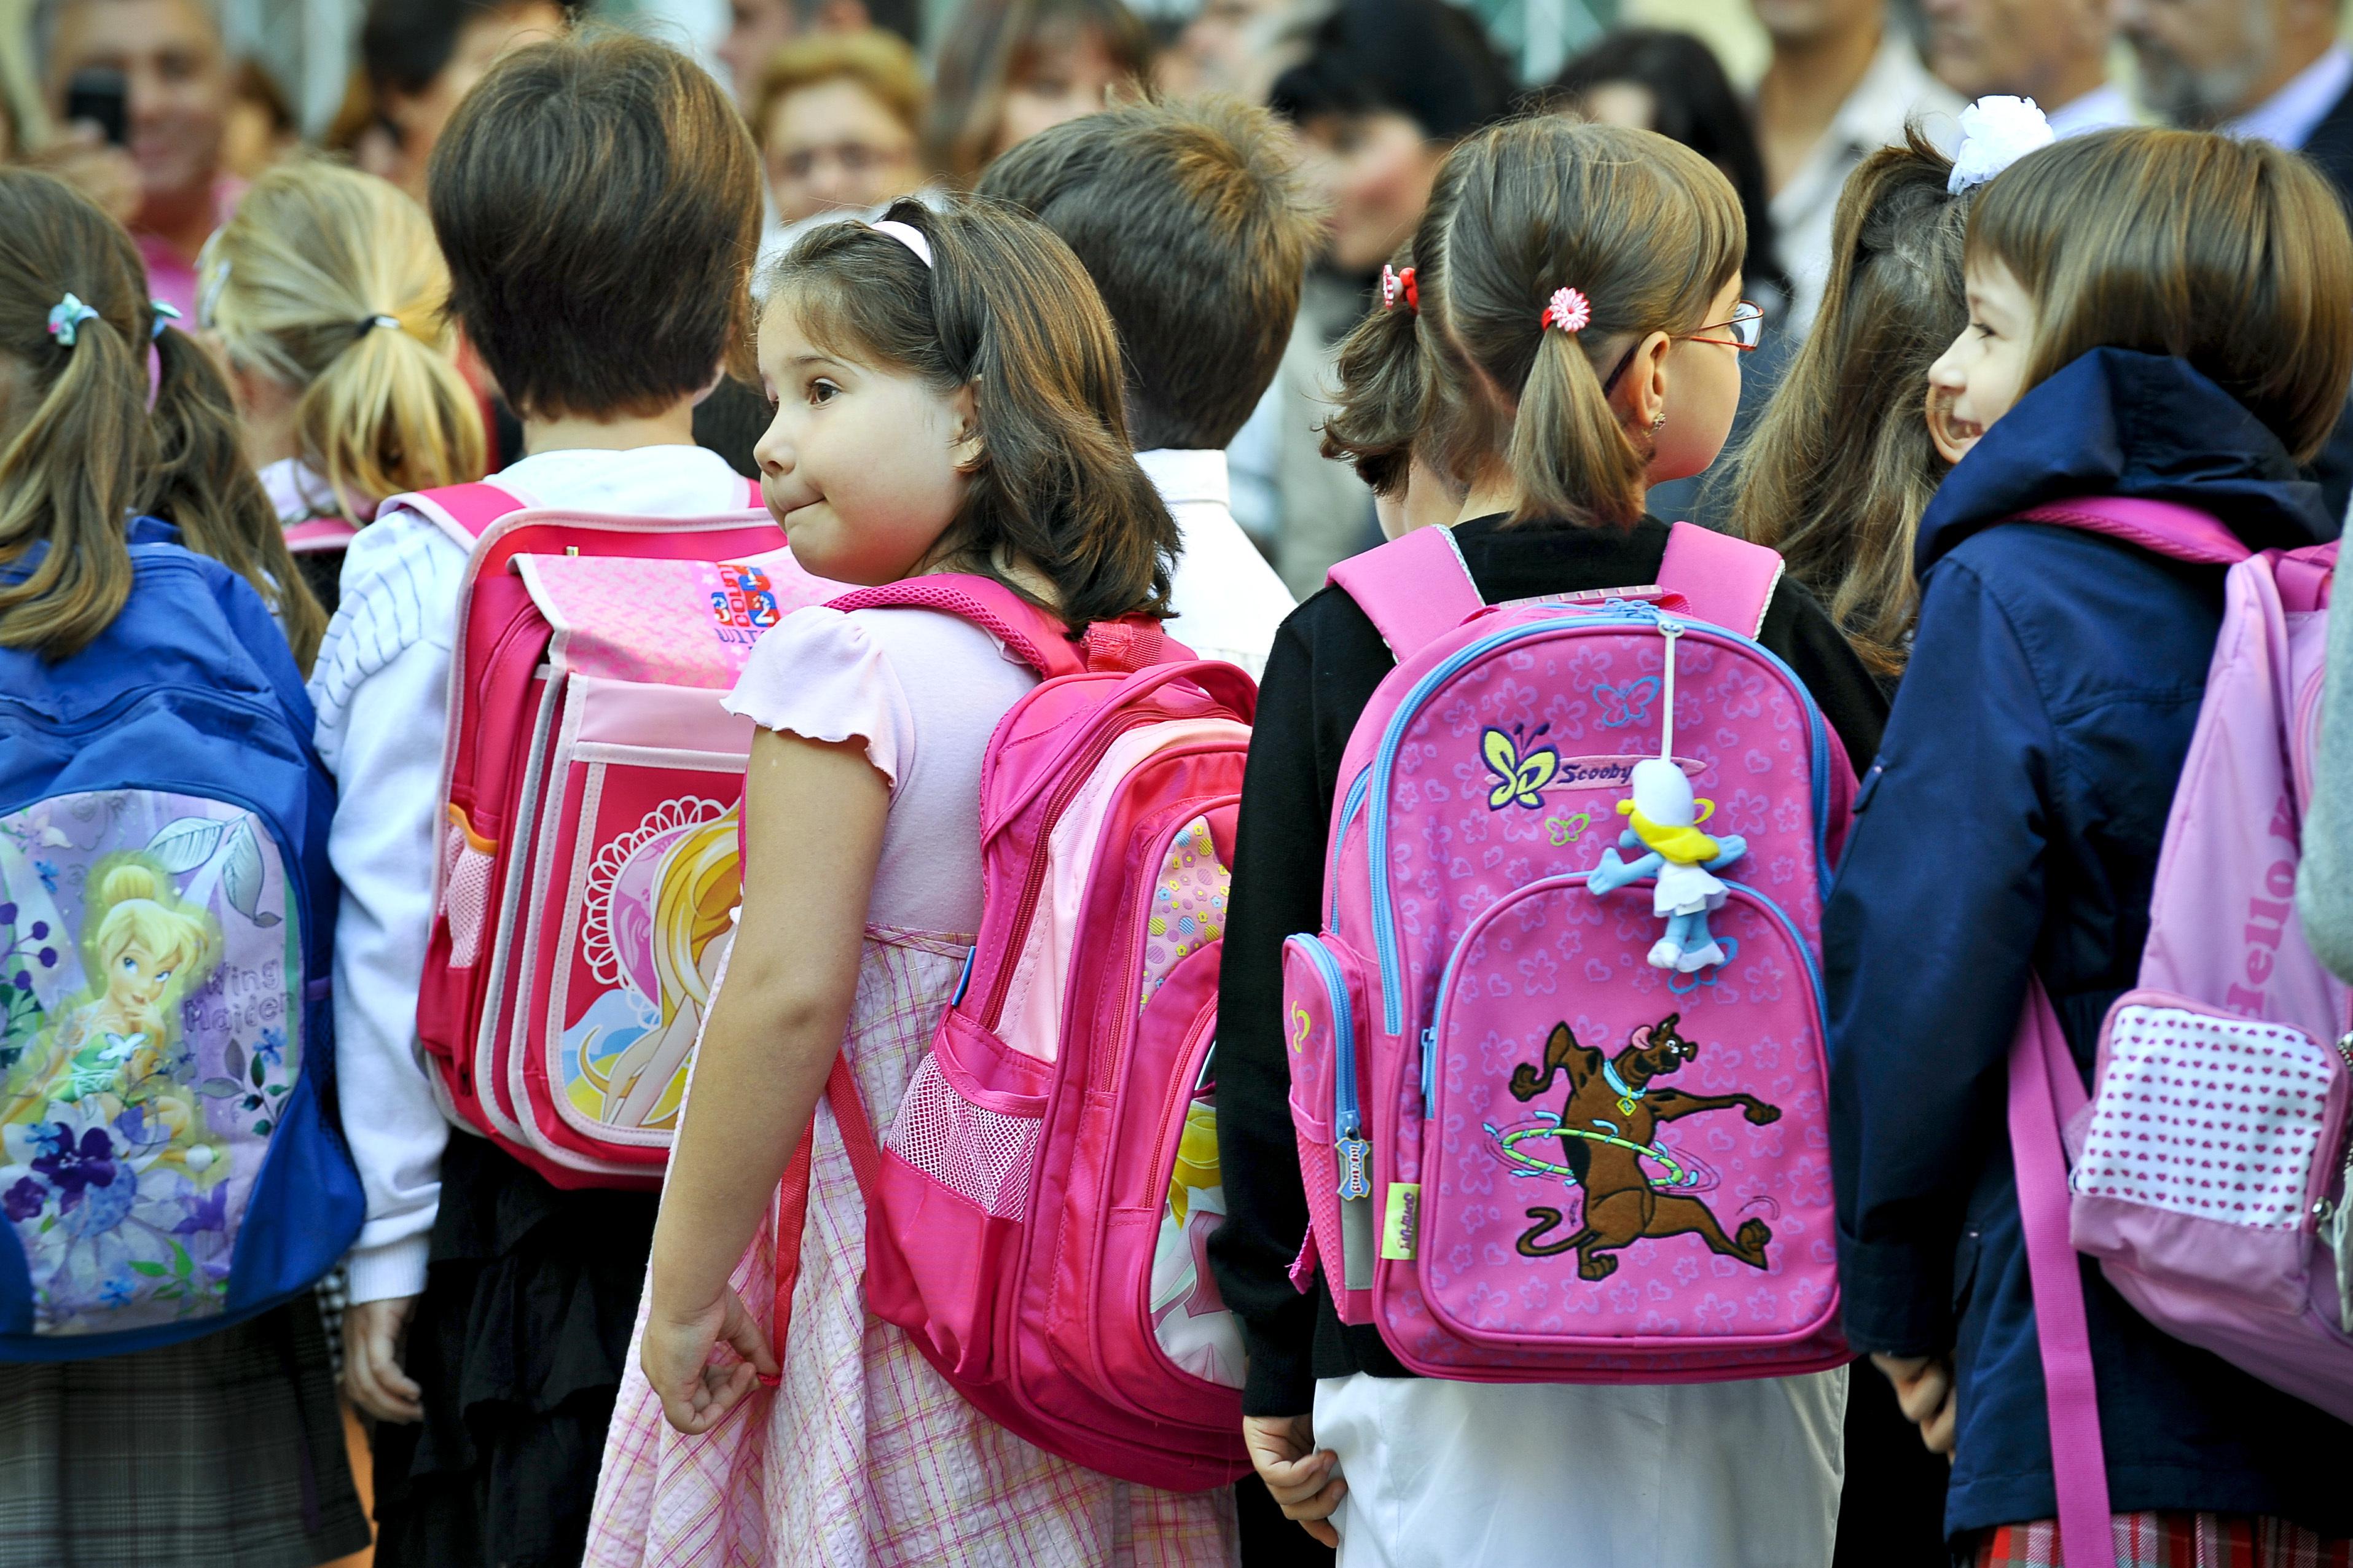 Ministrul Educaţiei anunţă că elevii din clasa a cincea nu vor avea în primele două luni manuale şcolare, din cauza unei persoane `cu demnitate`